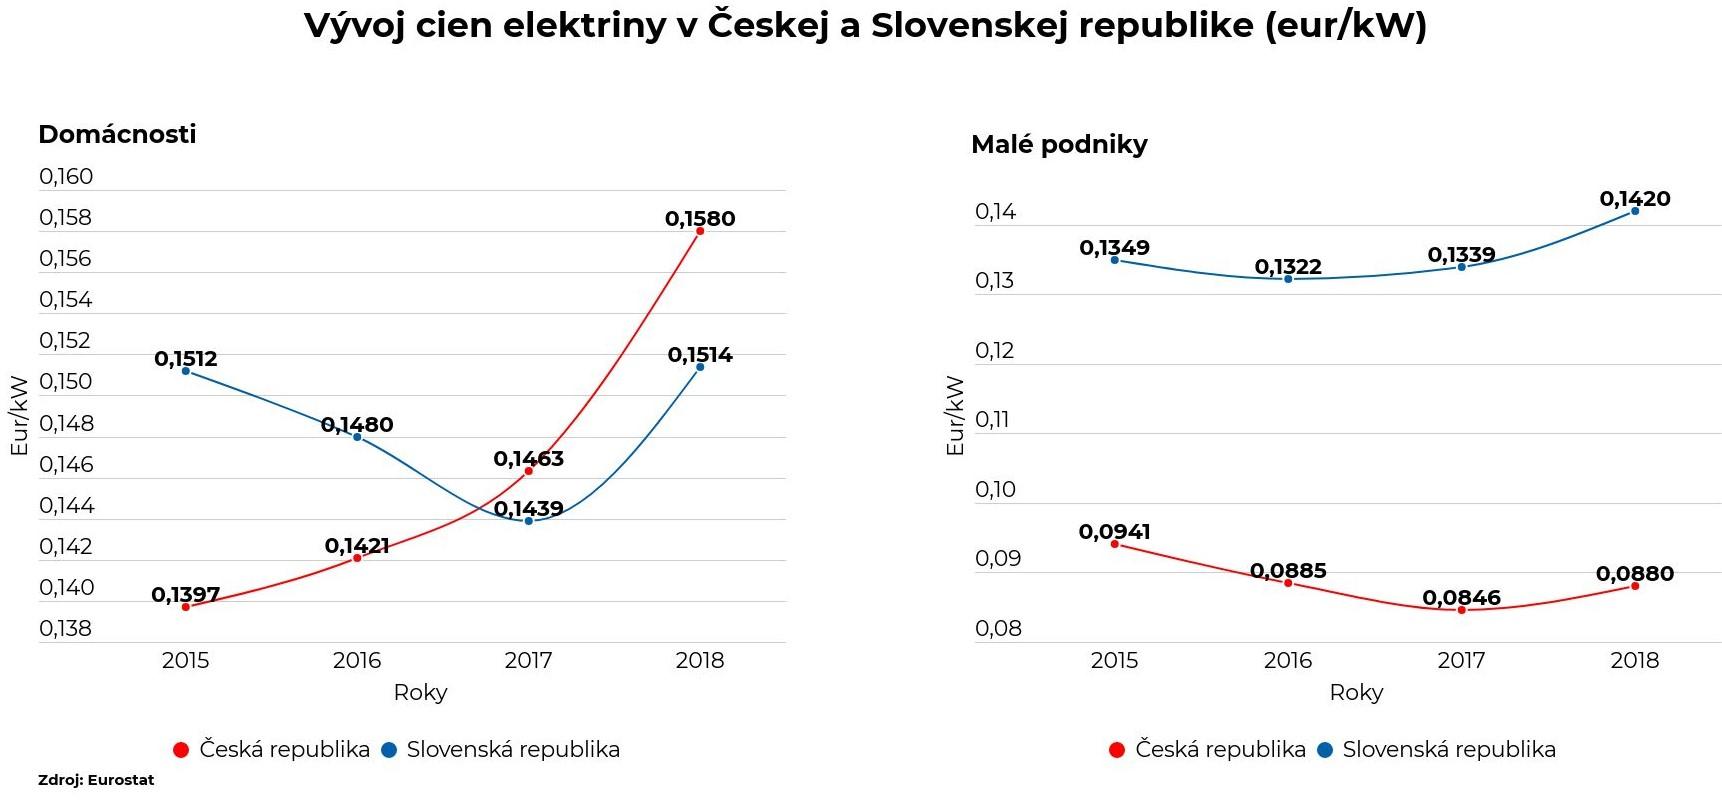 Graf 3: Vývoj cien elektriny v ČR a SR